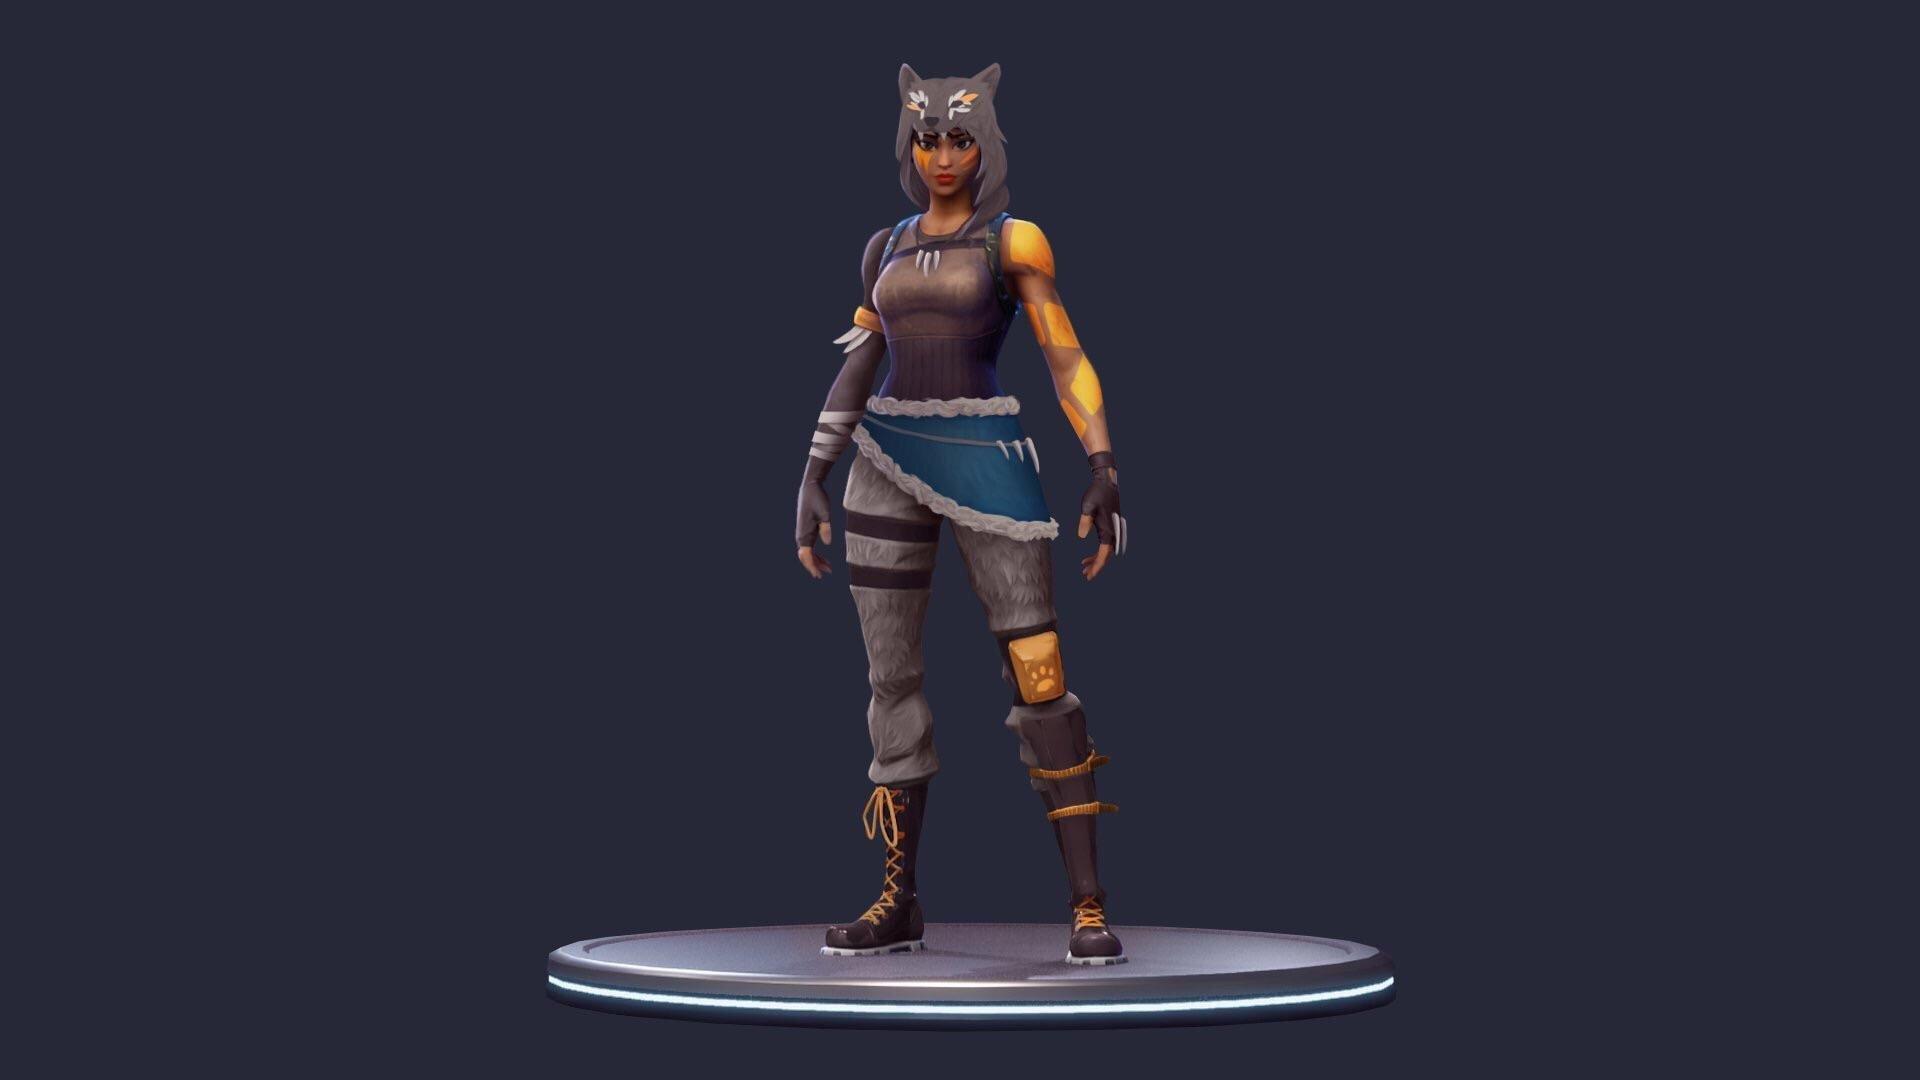 Minecraft Skin Wallpaper Girl Fortnite Battle Royale News On Twitter Quot Wolf Girl Skin